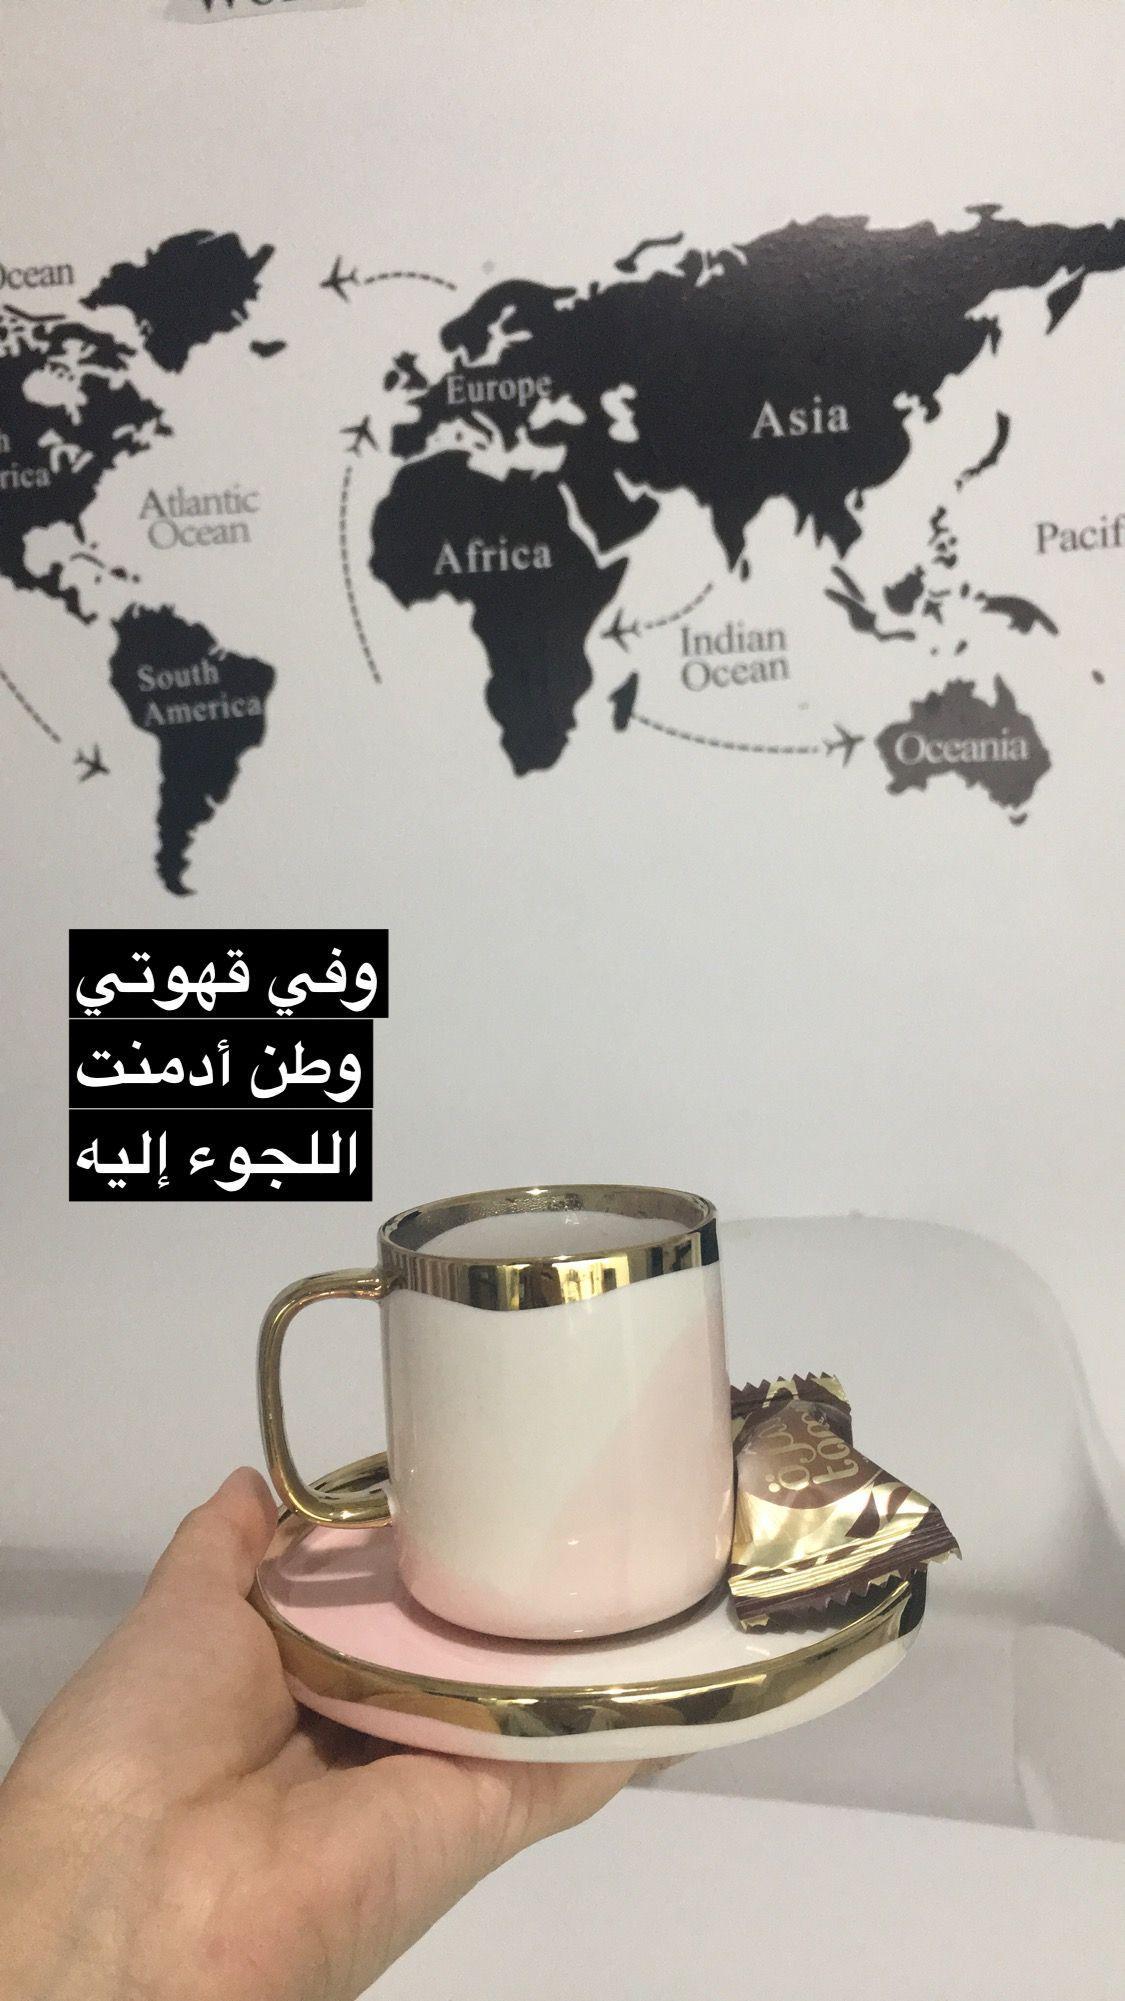 وفي قهوتي وطن